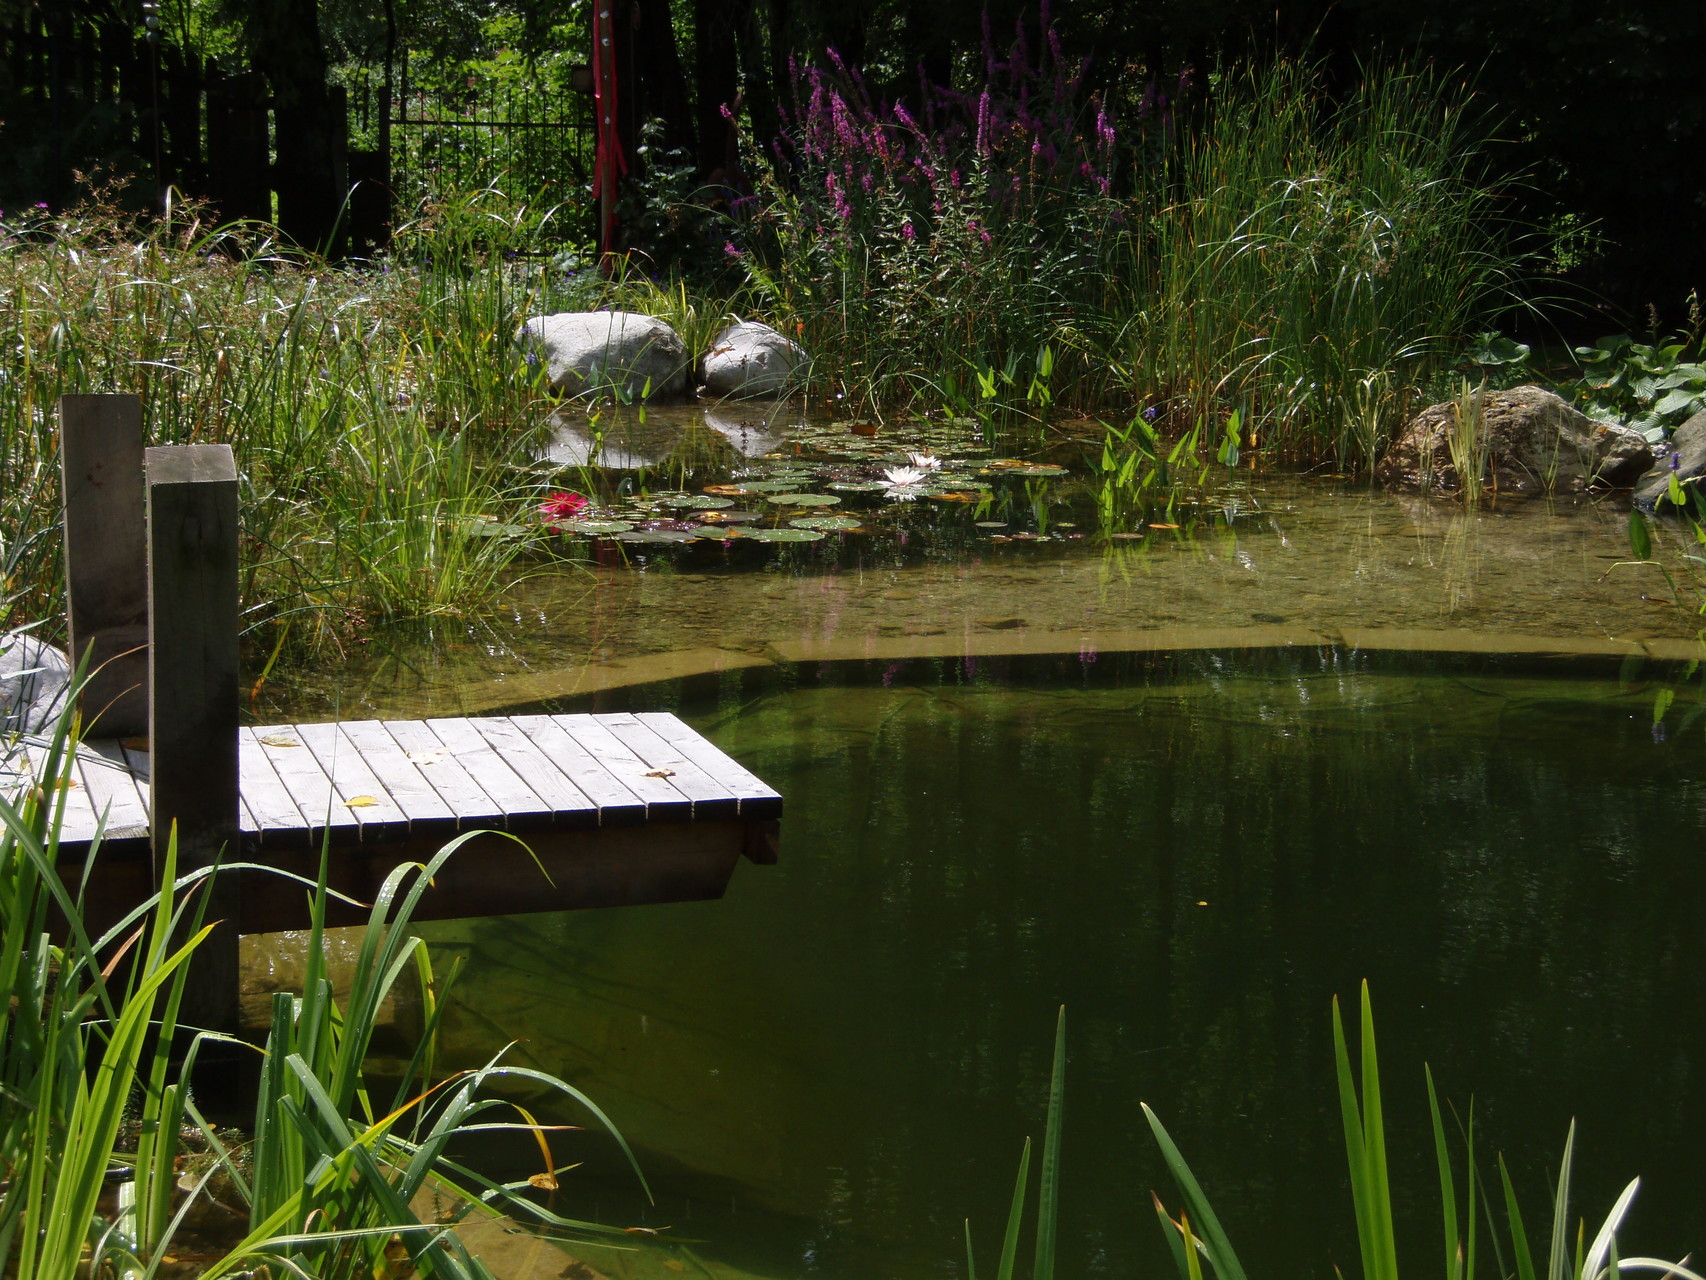 Von dobsch tz gmbh gartengestaltung - Gartengestaltung app ...